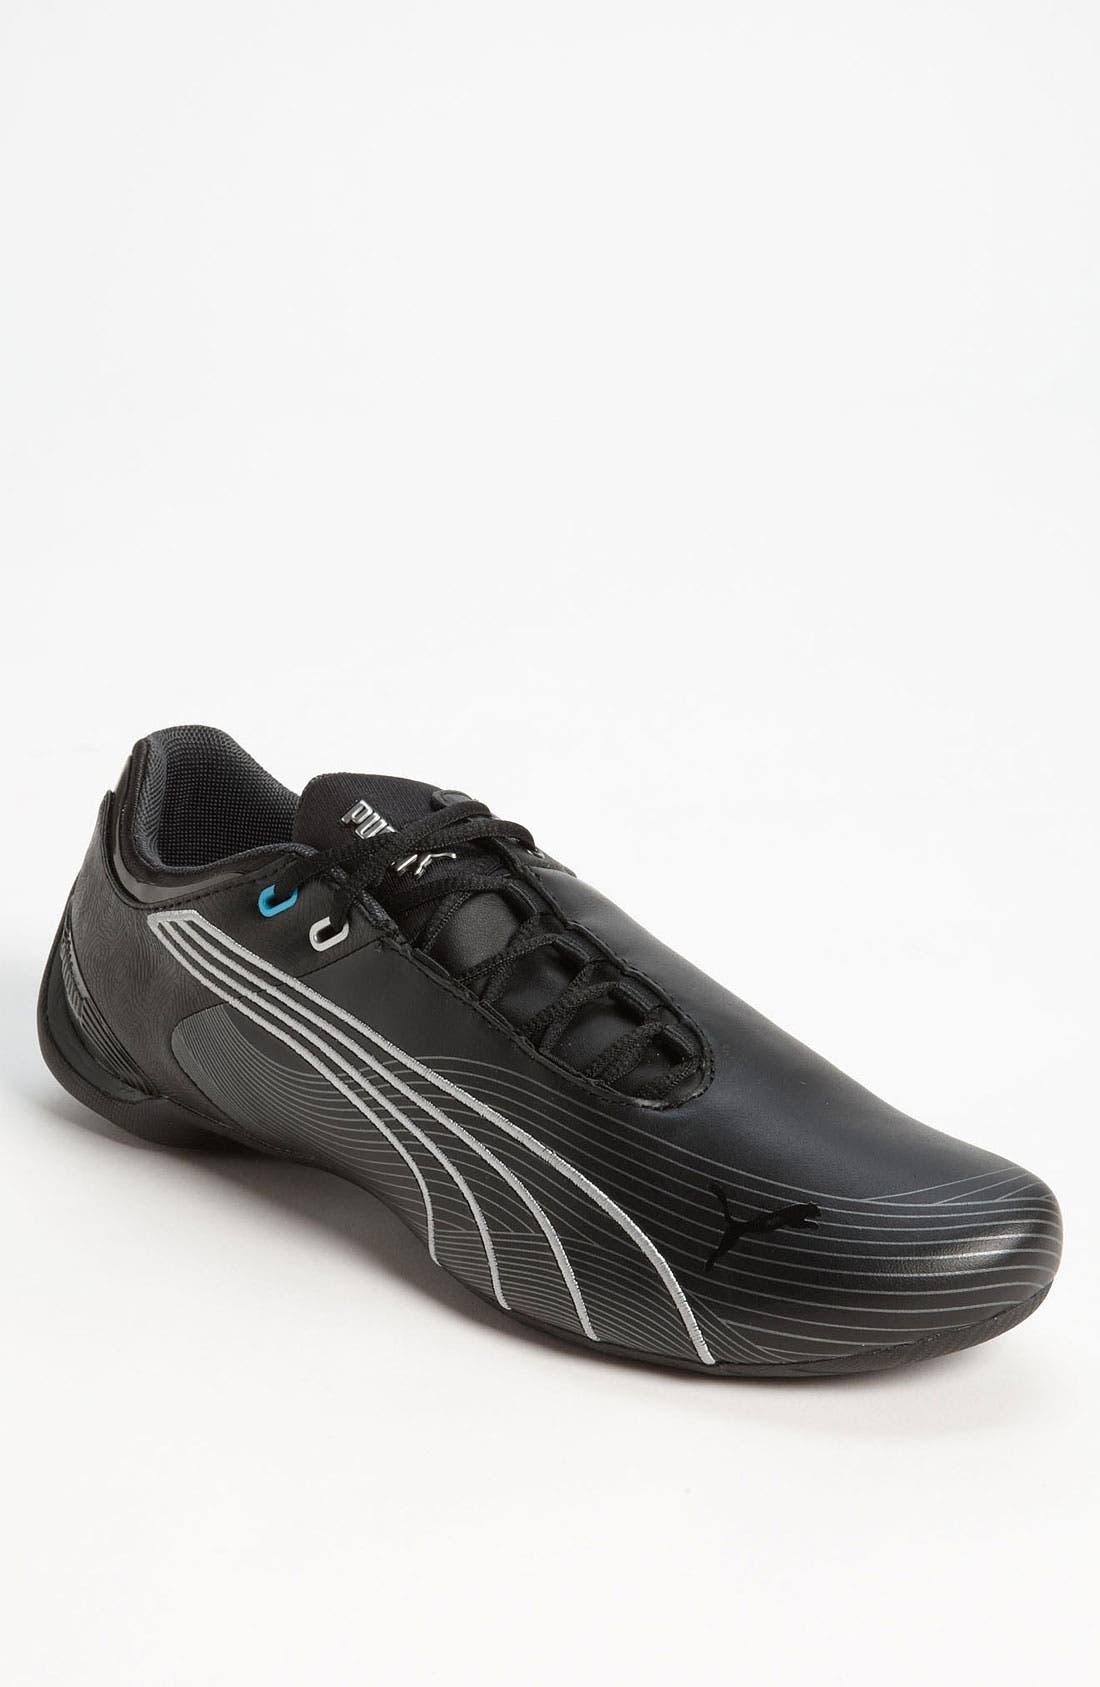 Alternate Image 1 Selected - PUMA 'Future Cat M2' Sneaker (Men)